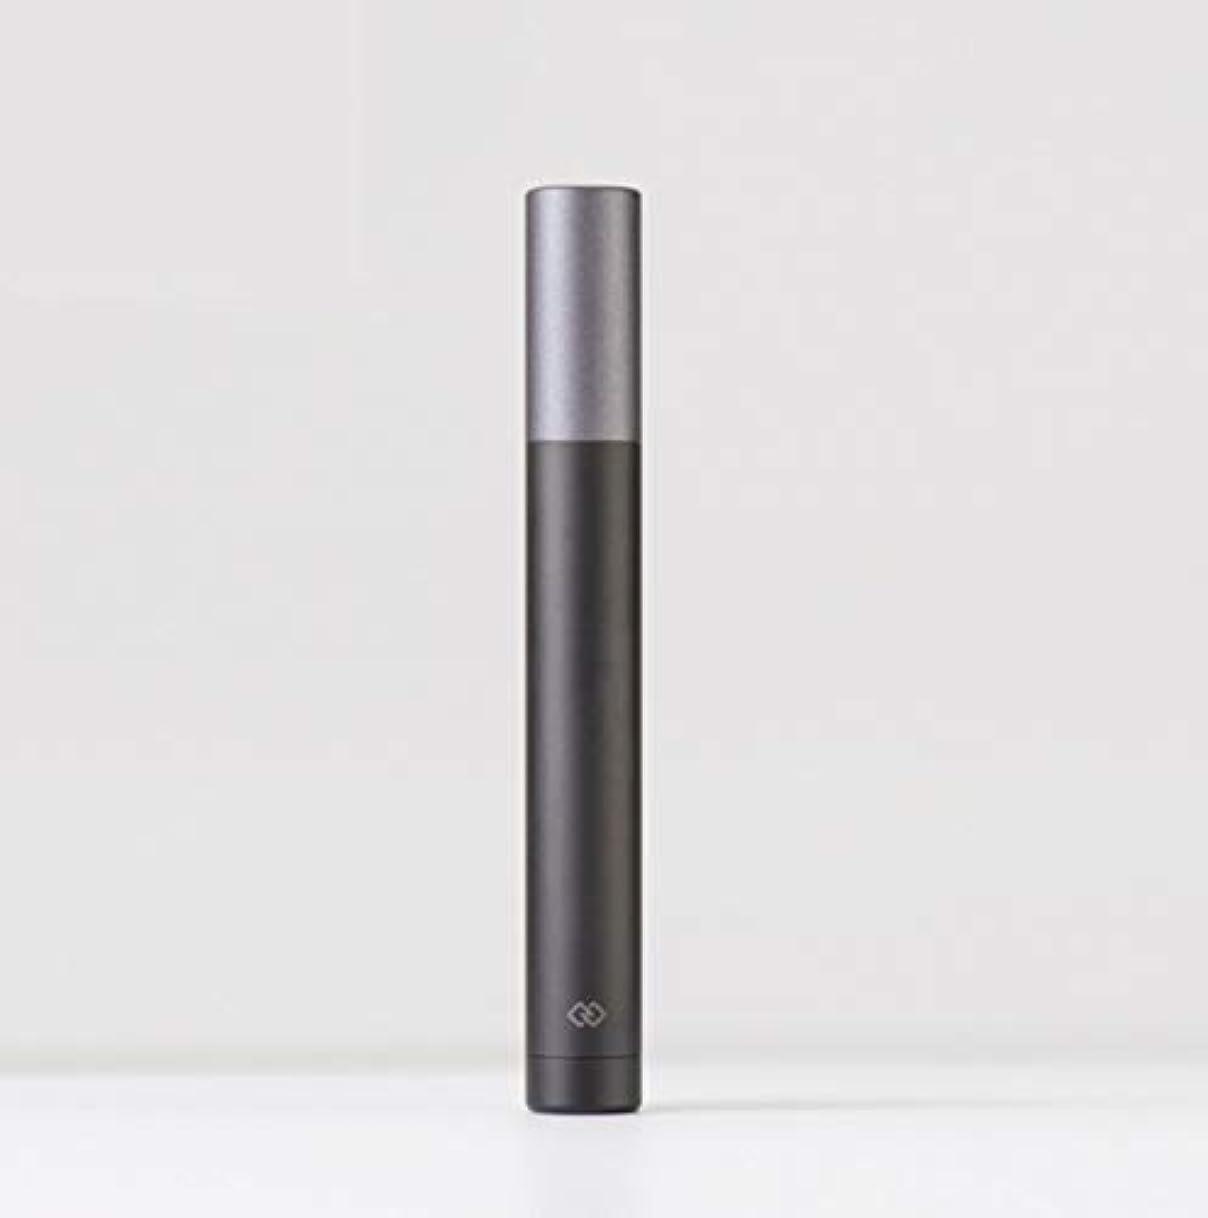 不毛移植ベンチャーTERABOX エチケットカッター 鼻毛カッター 鼻毛抜く 鼻毛処理 鼻毛はさみ 携帯便利 極小サイズ 防水 男女適用する